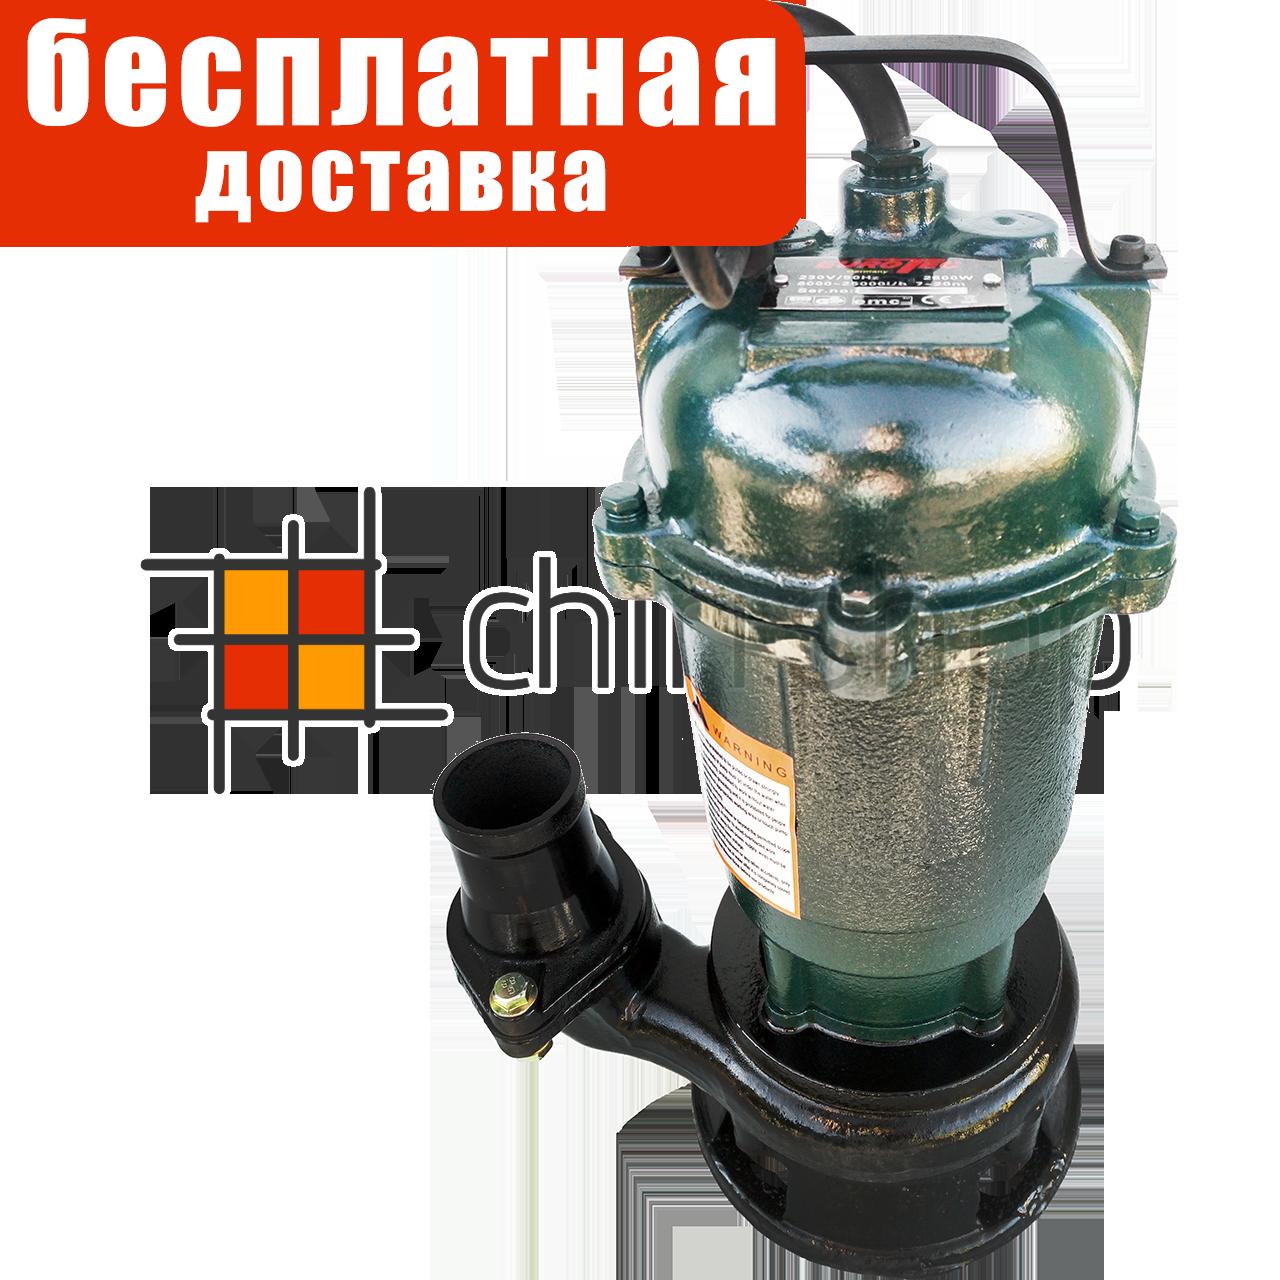 Насос фекальный выгребной Eurotec PU 205, 40-75 мм, дренажный чугунный для грязной воды, вигрібний фекальний